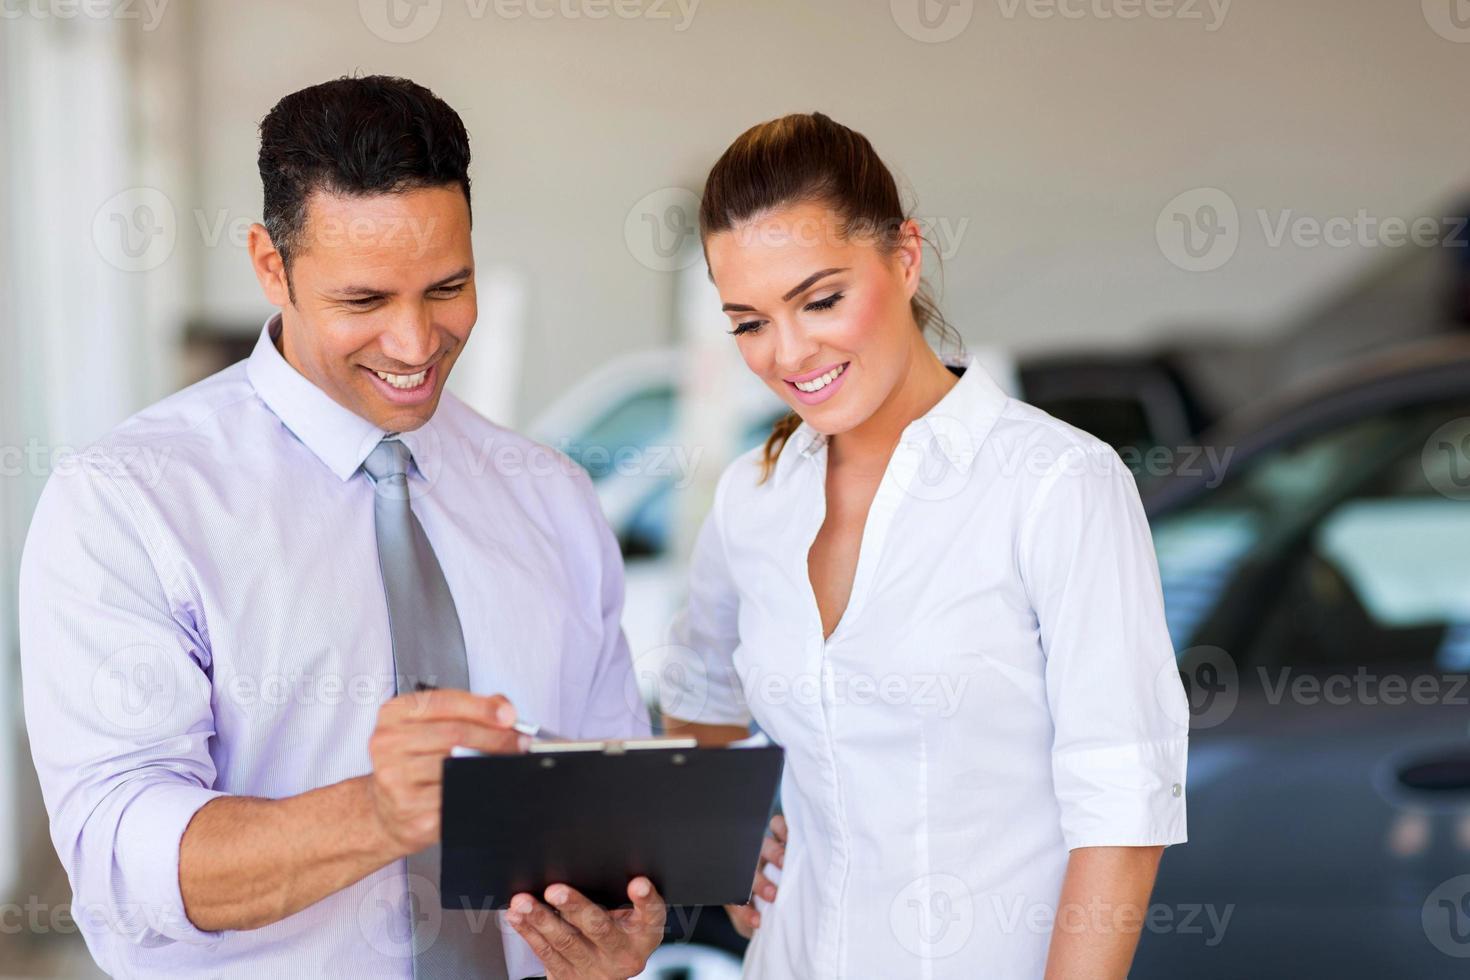 preside e commessa della concessionaria di veicoli guardando appunti foto